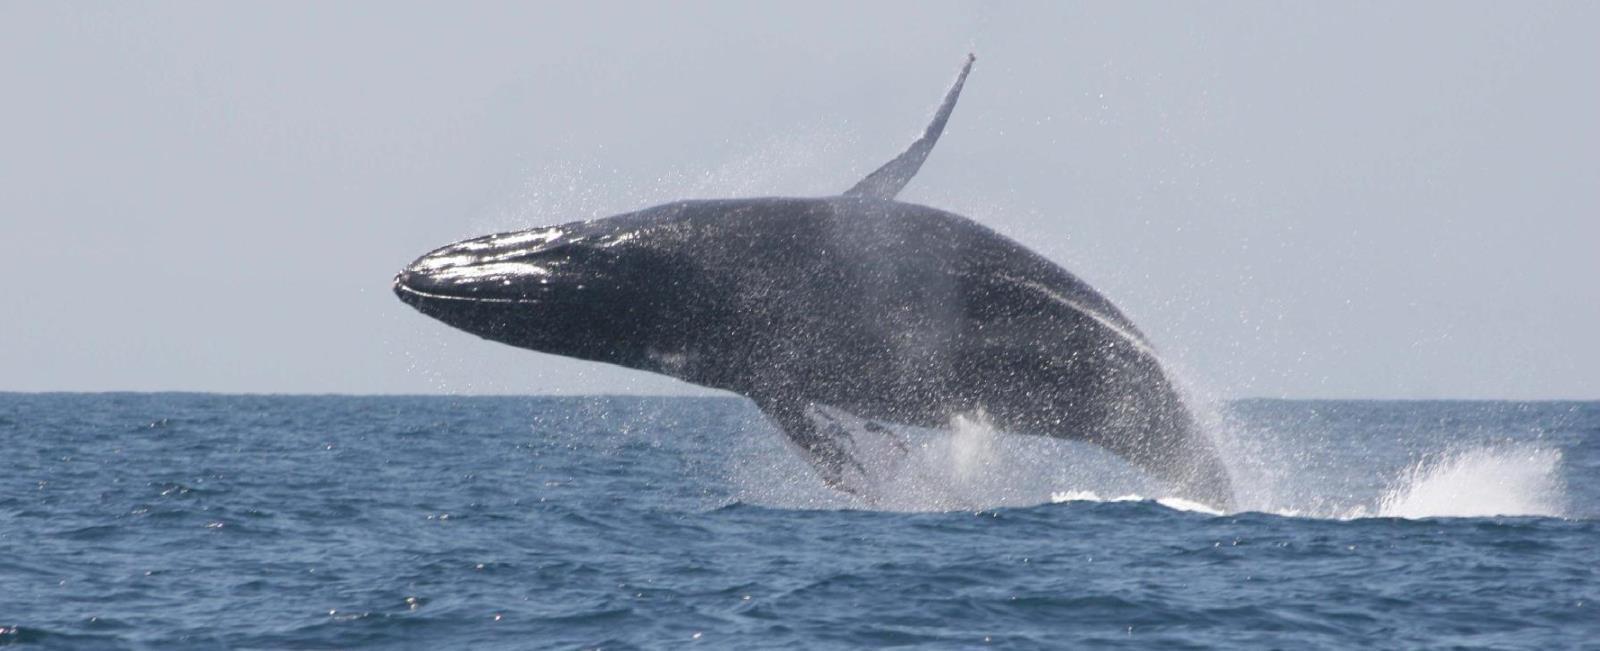 http://operatravels.com.mx/avistamiento-de-ballenas/